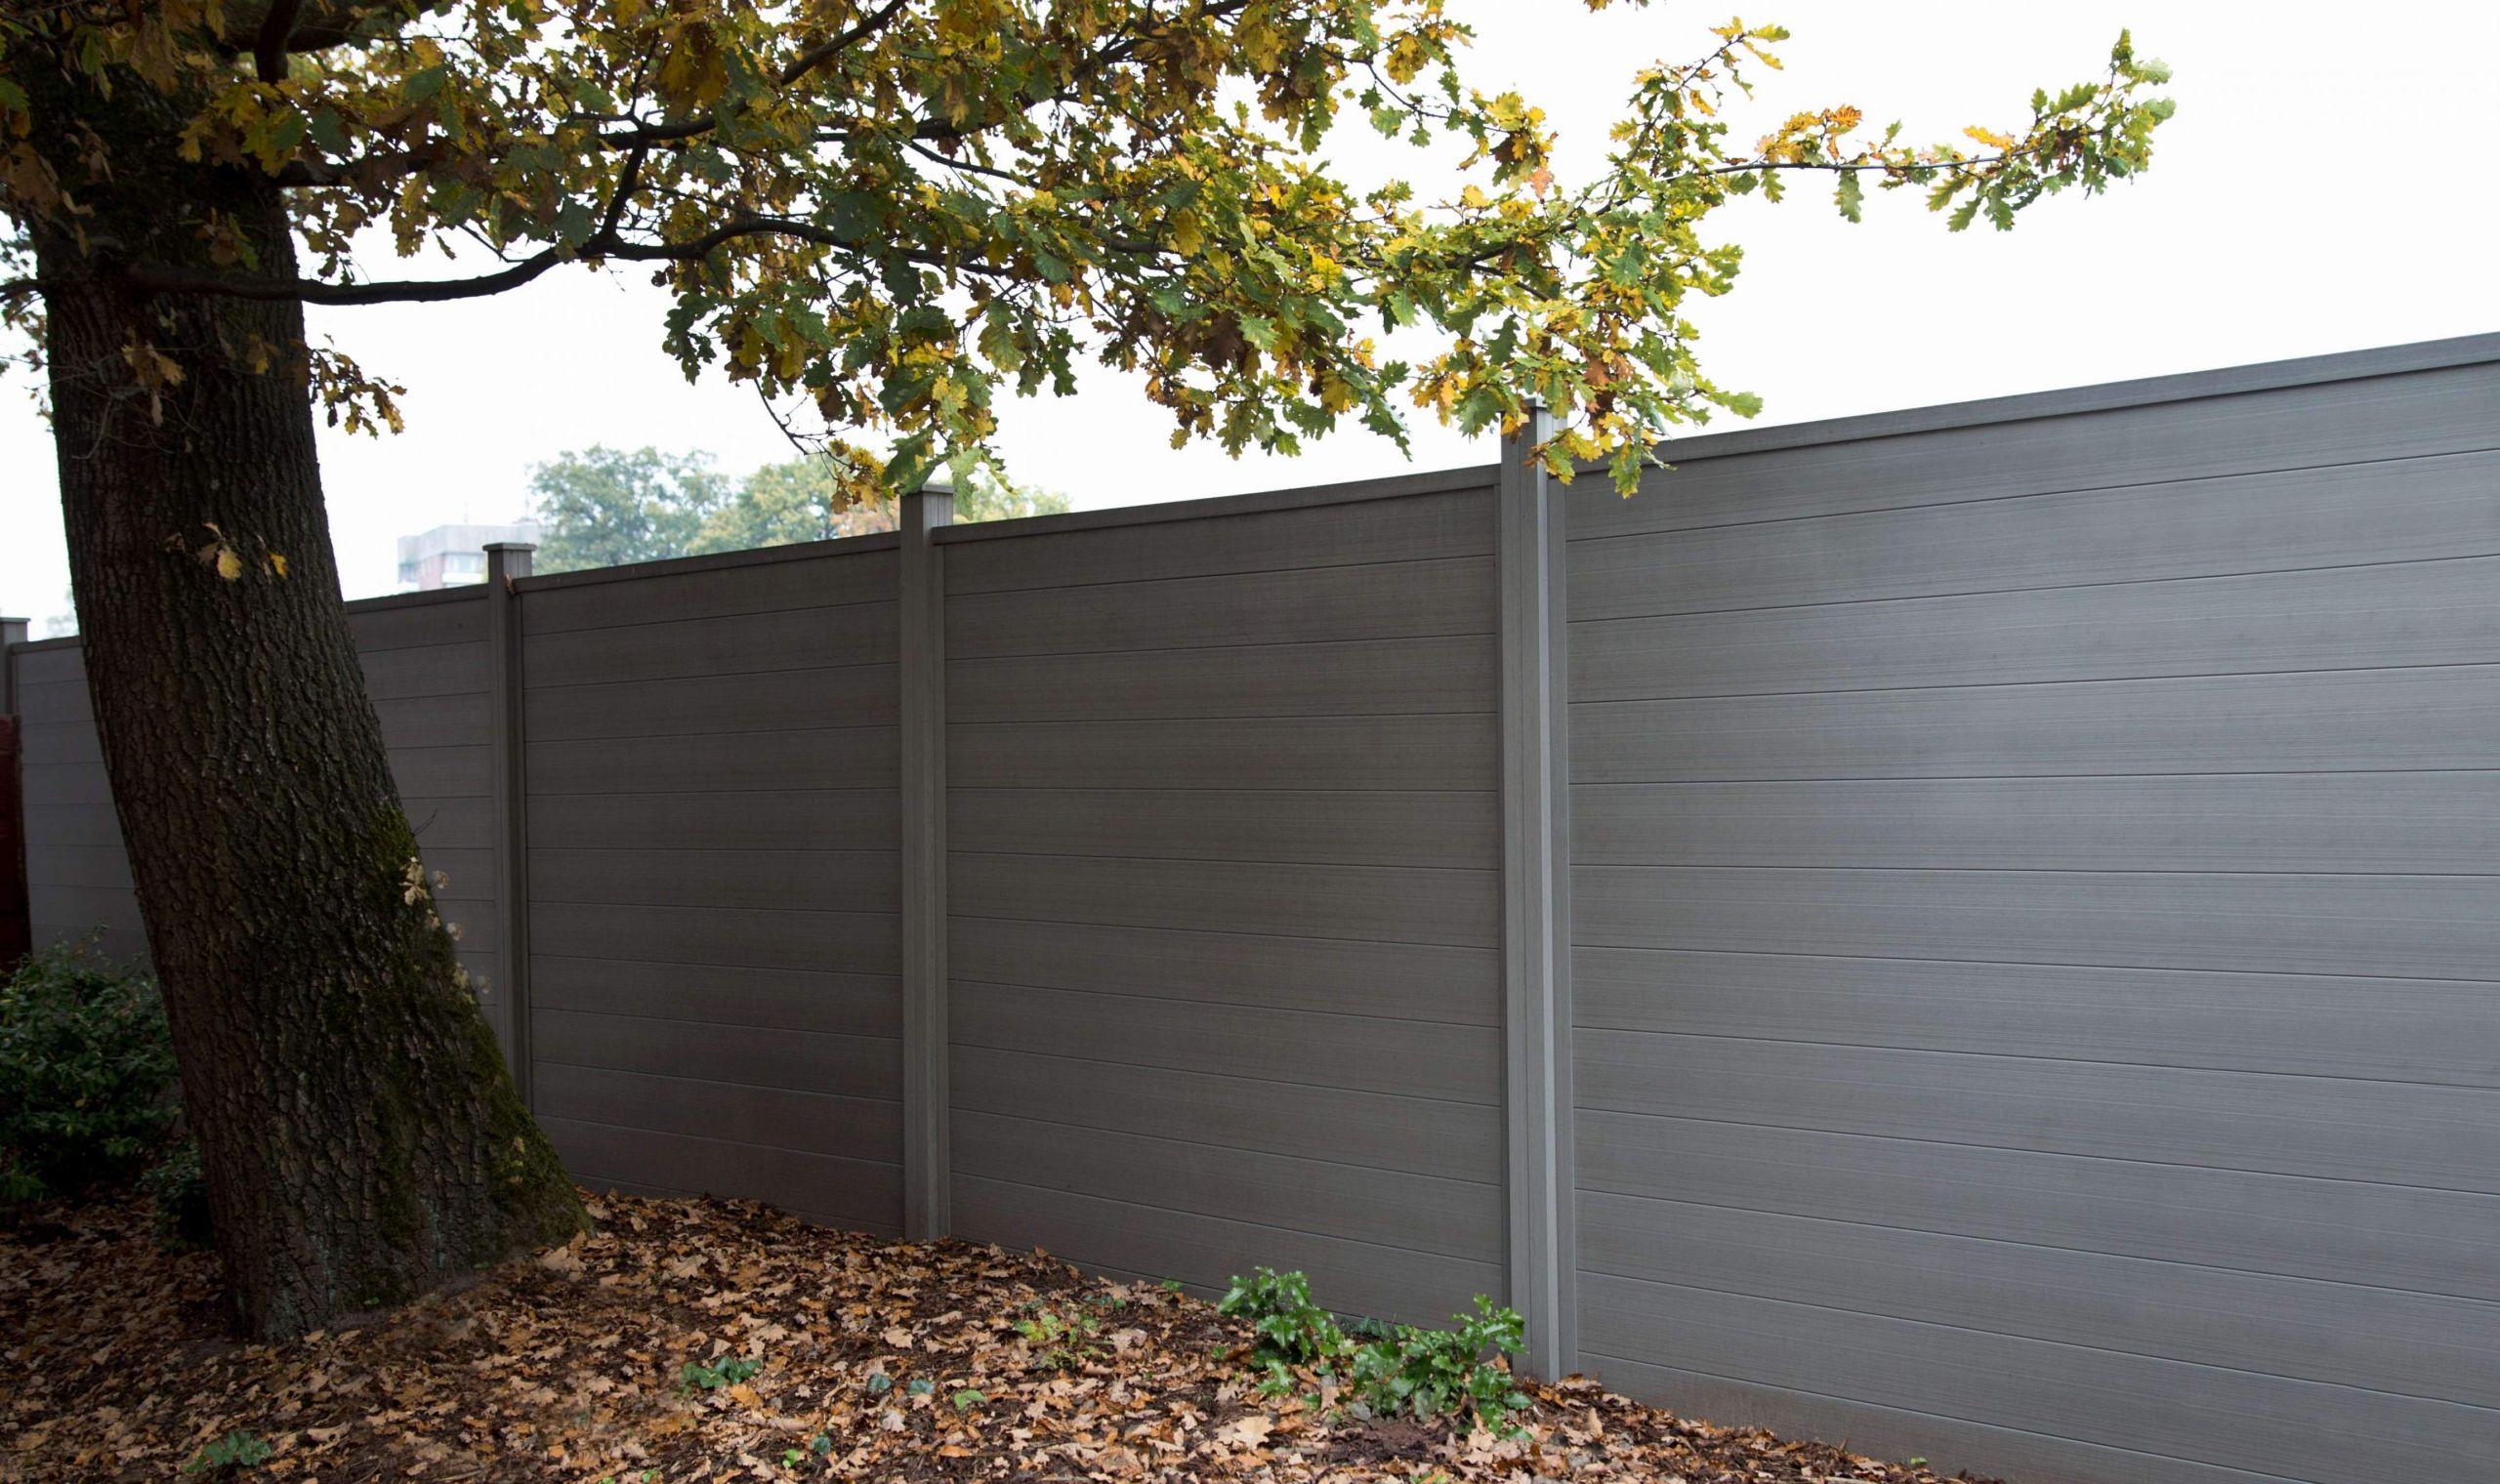 steinmauern im garten garten ideas zaun garten zaun garten 0d design steinmauer garten bilder steinmauer garten bilder